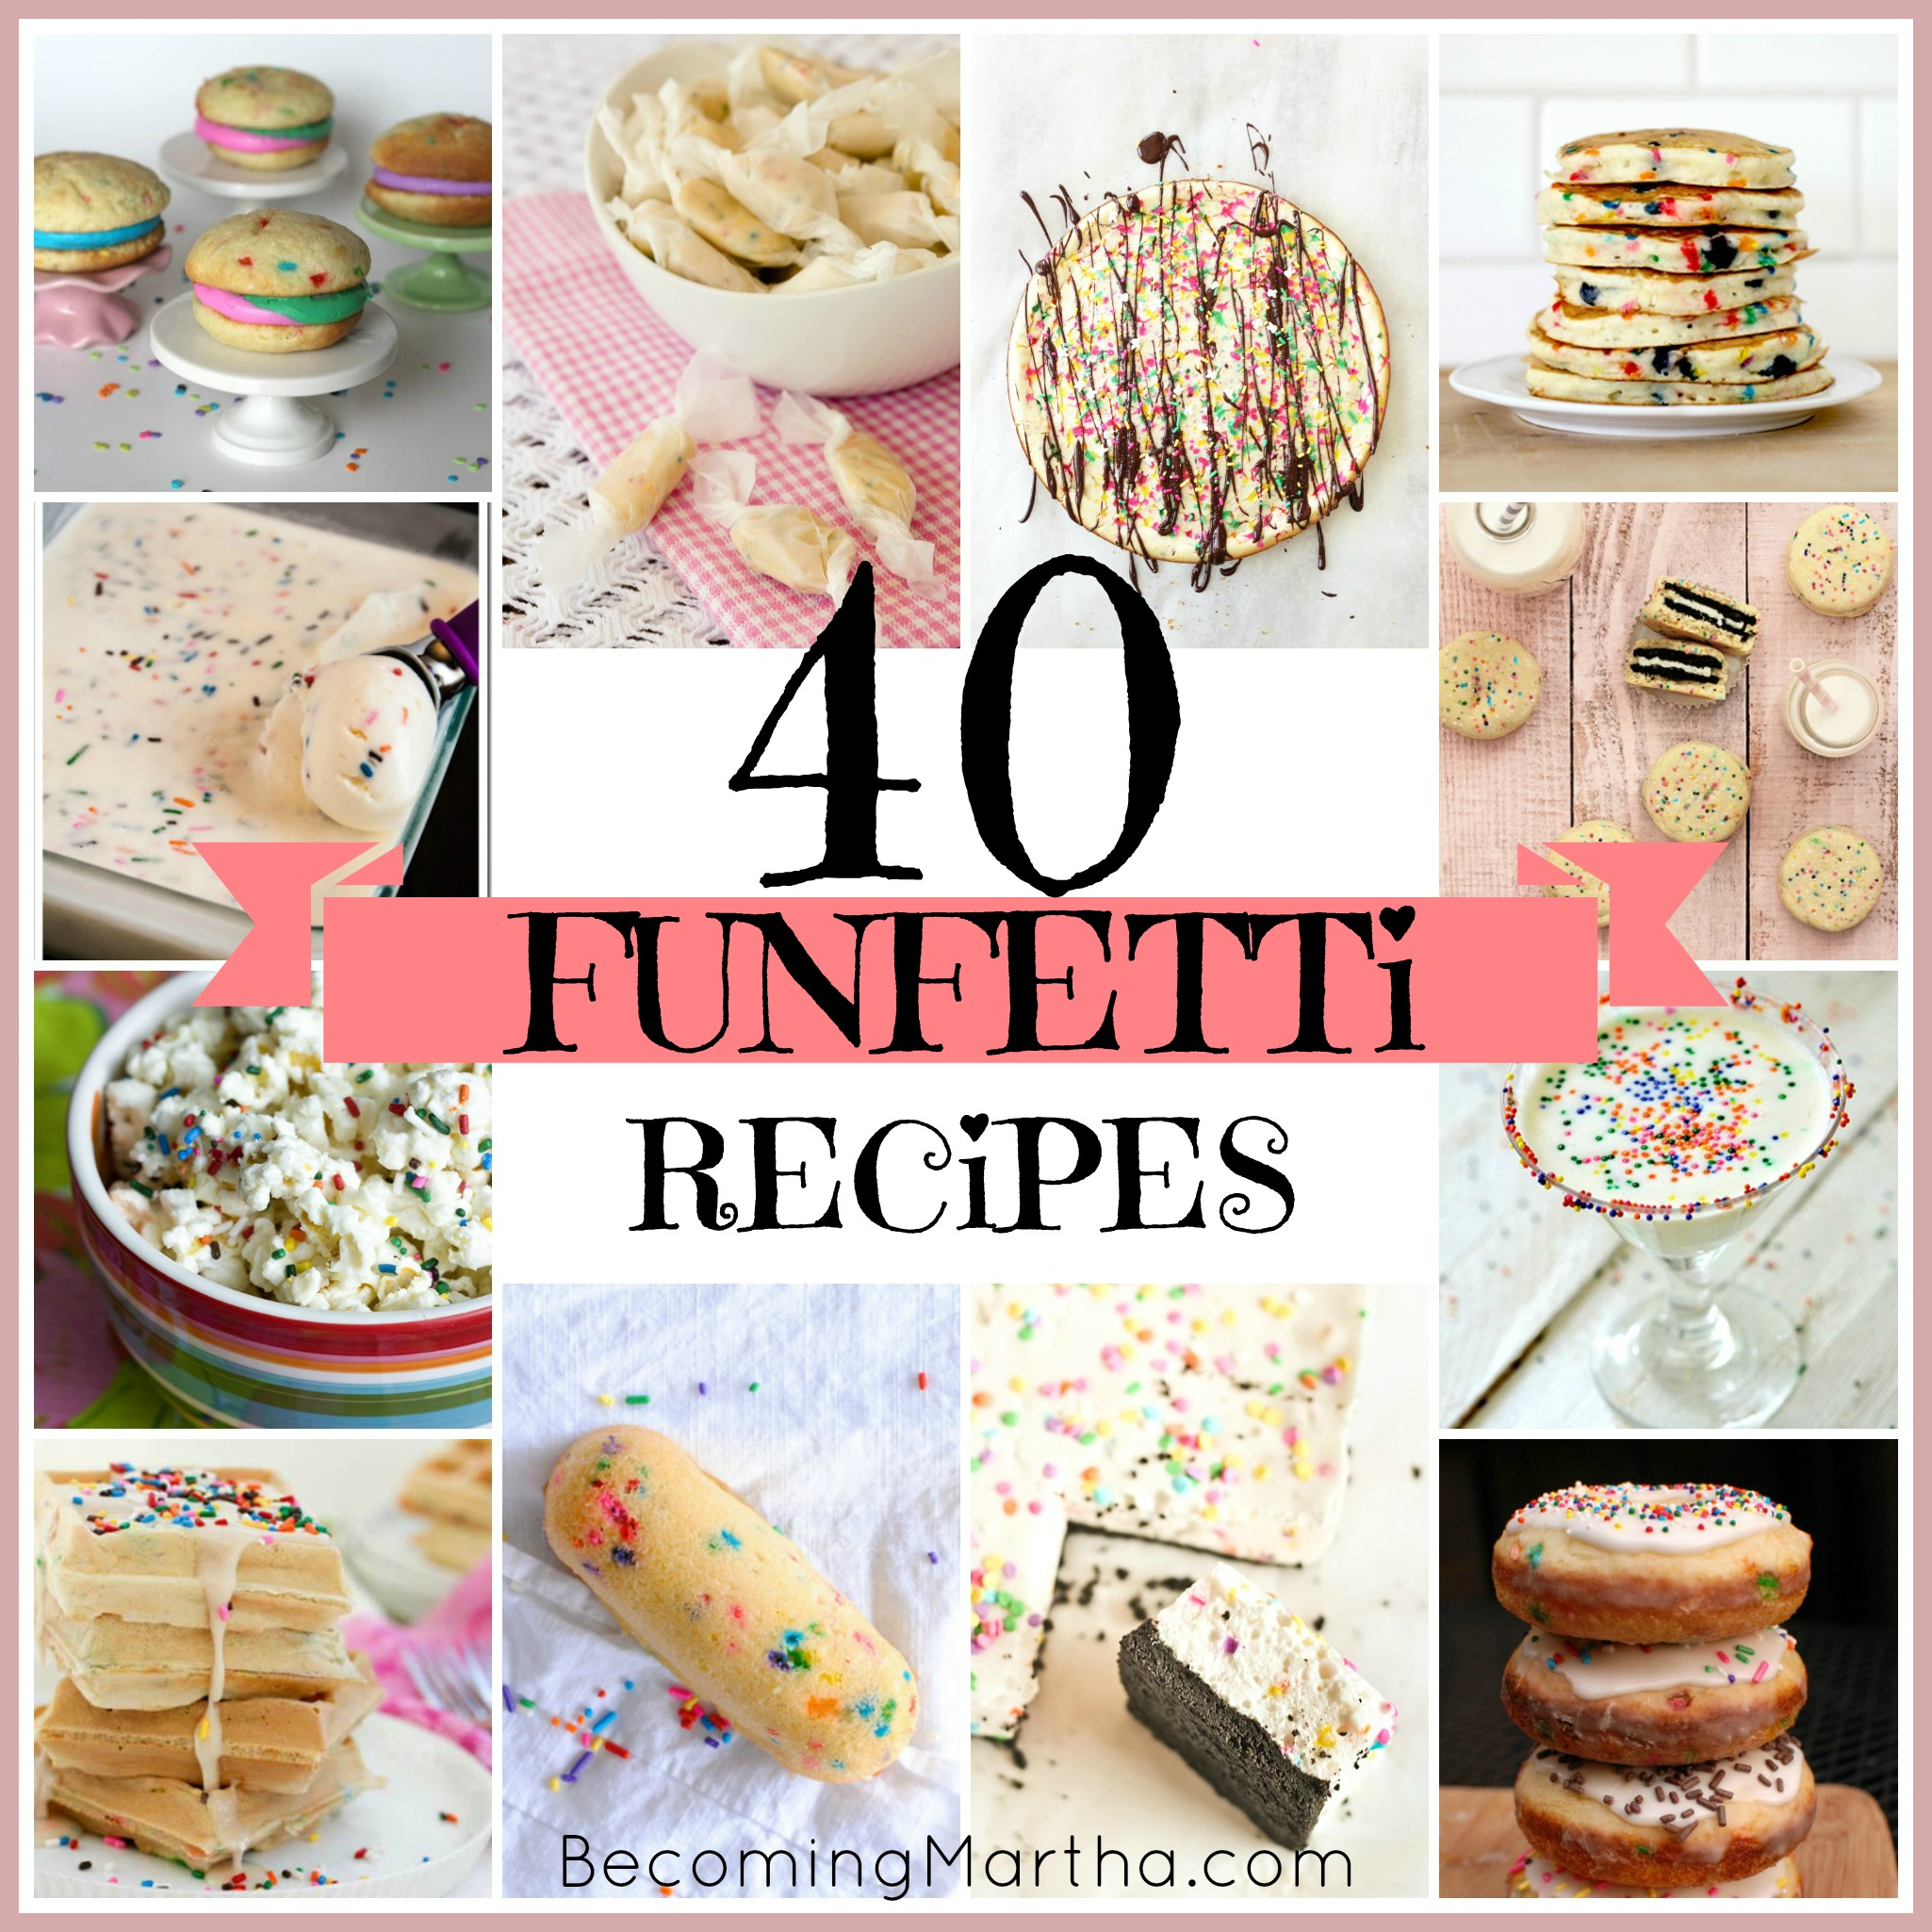 40 Non-Cake Funfetti Recipes